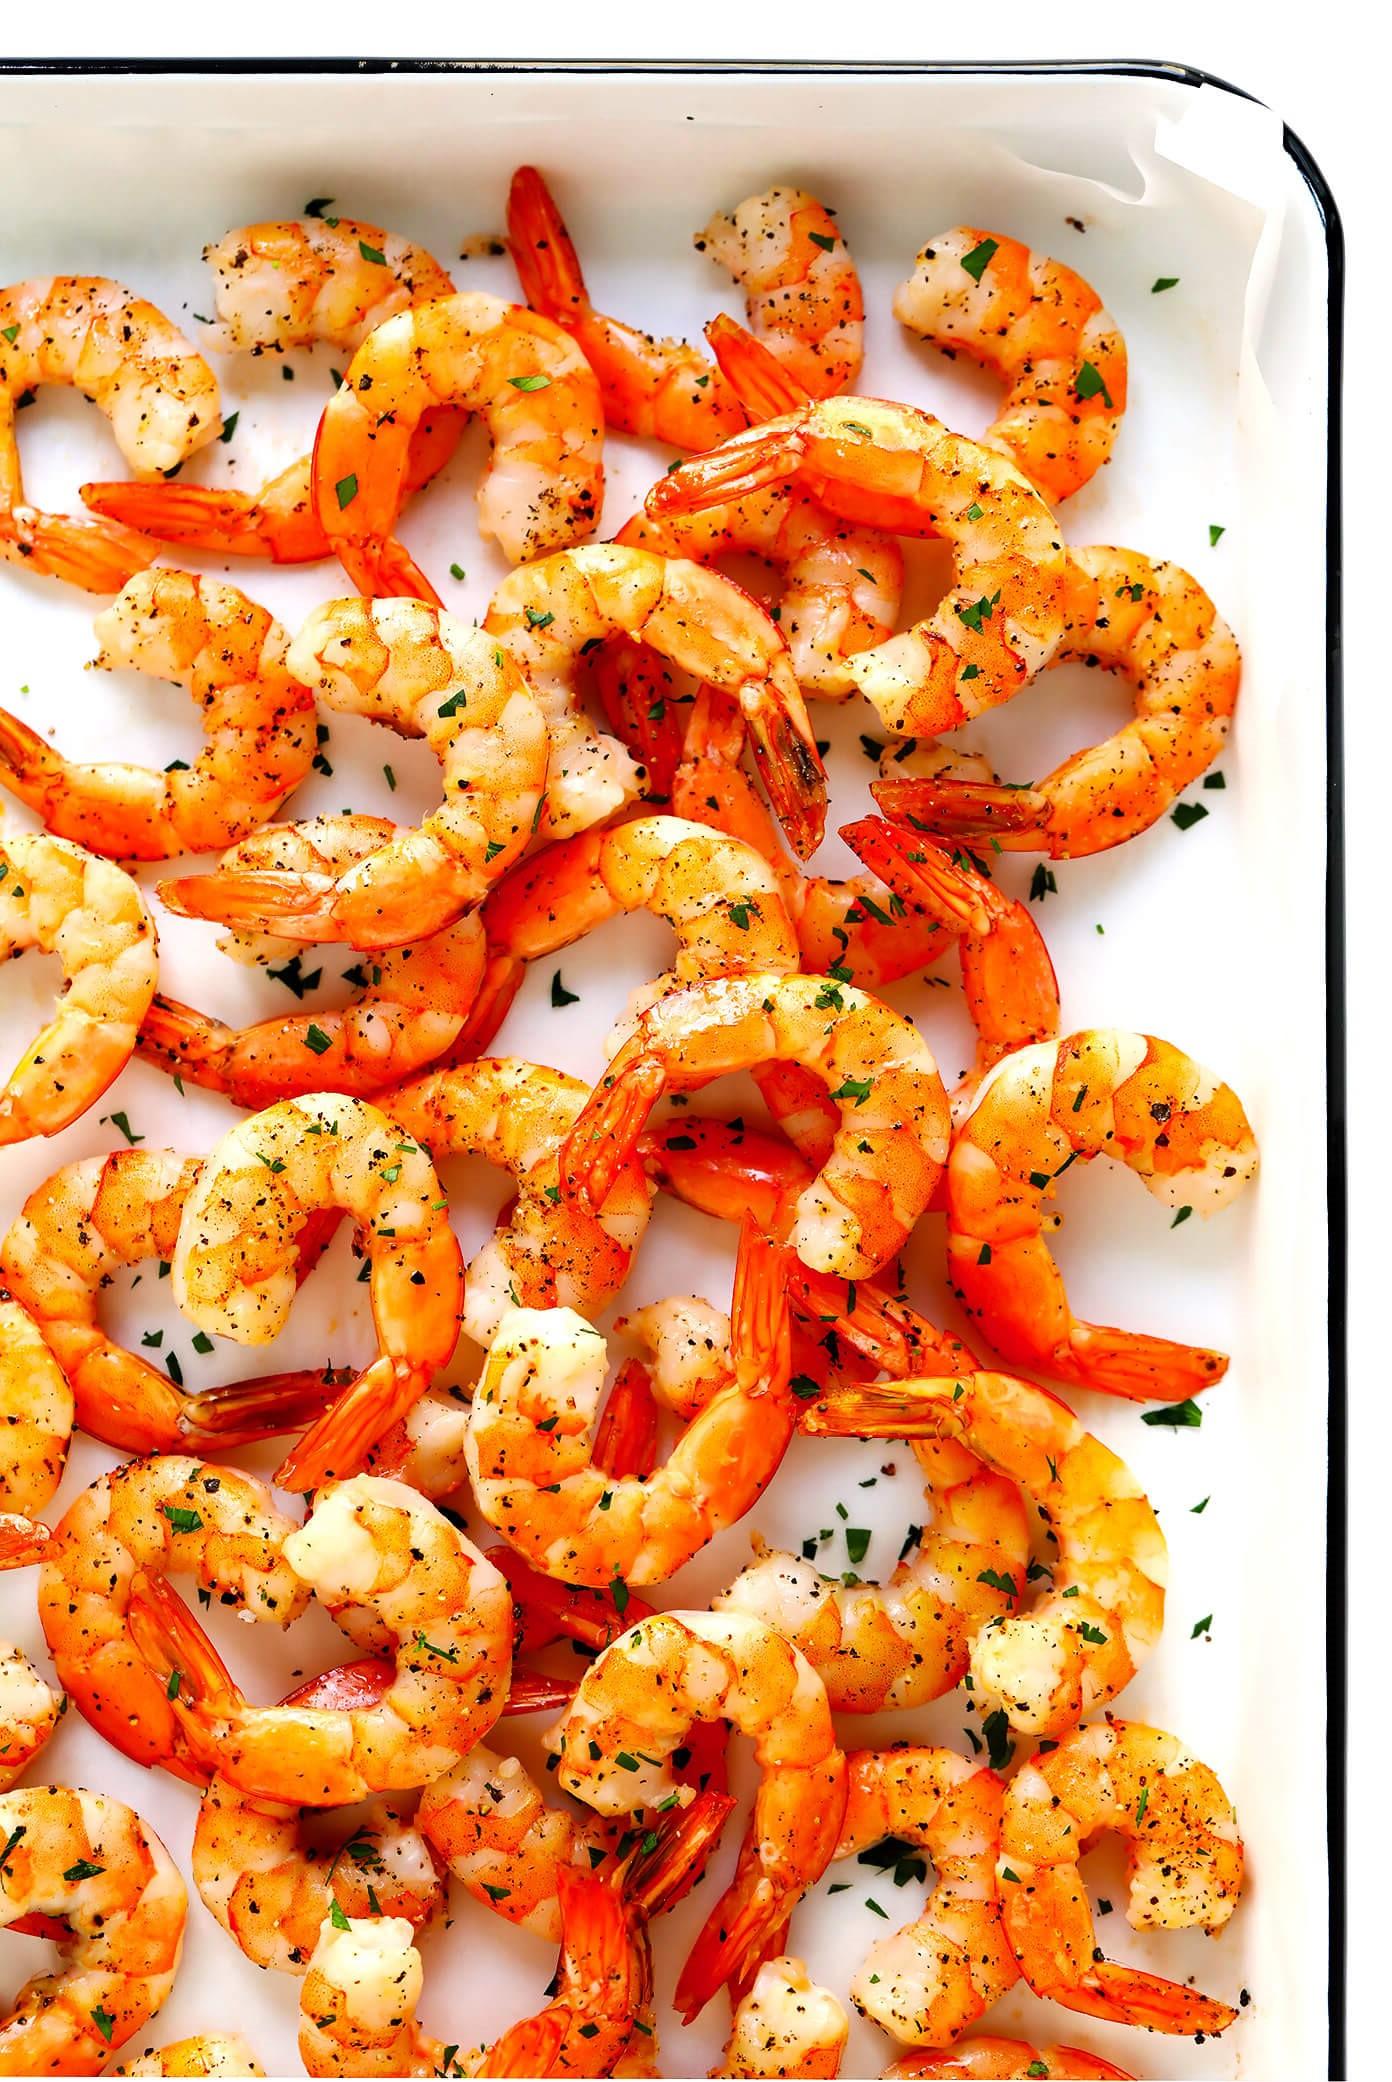 Les crevettes ne contiennent que 1 g de glucides pour 100 g.